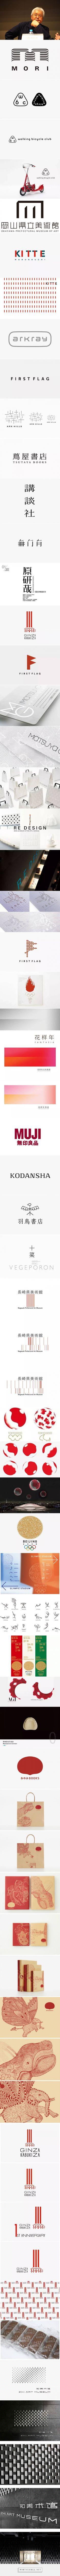 原研哉最新最全标志集 - created via https://pinthemall.net